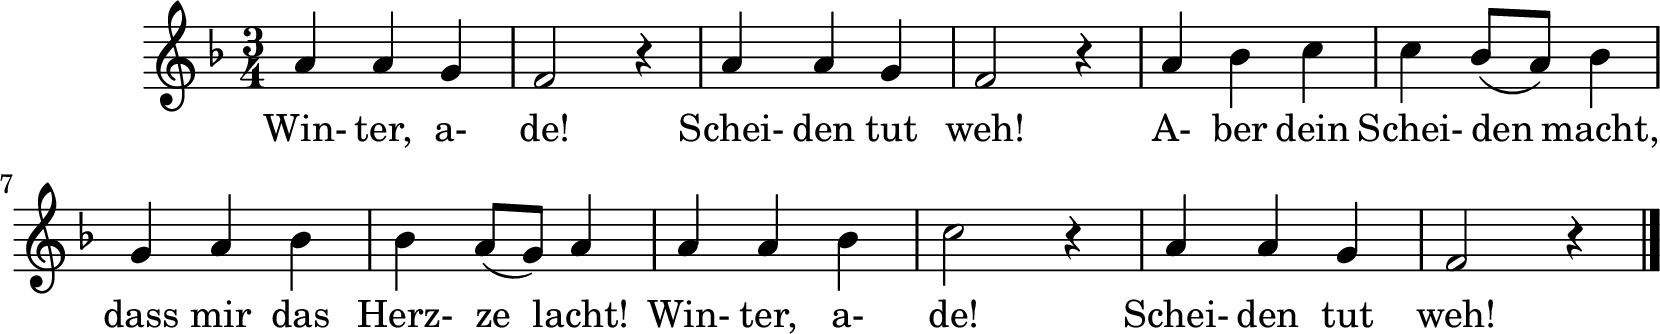 Notenblatt Music Sheet Winter ade!